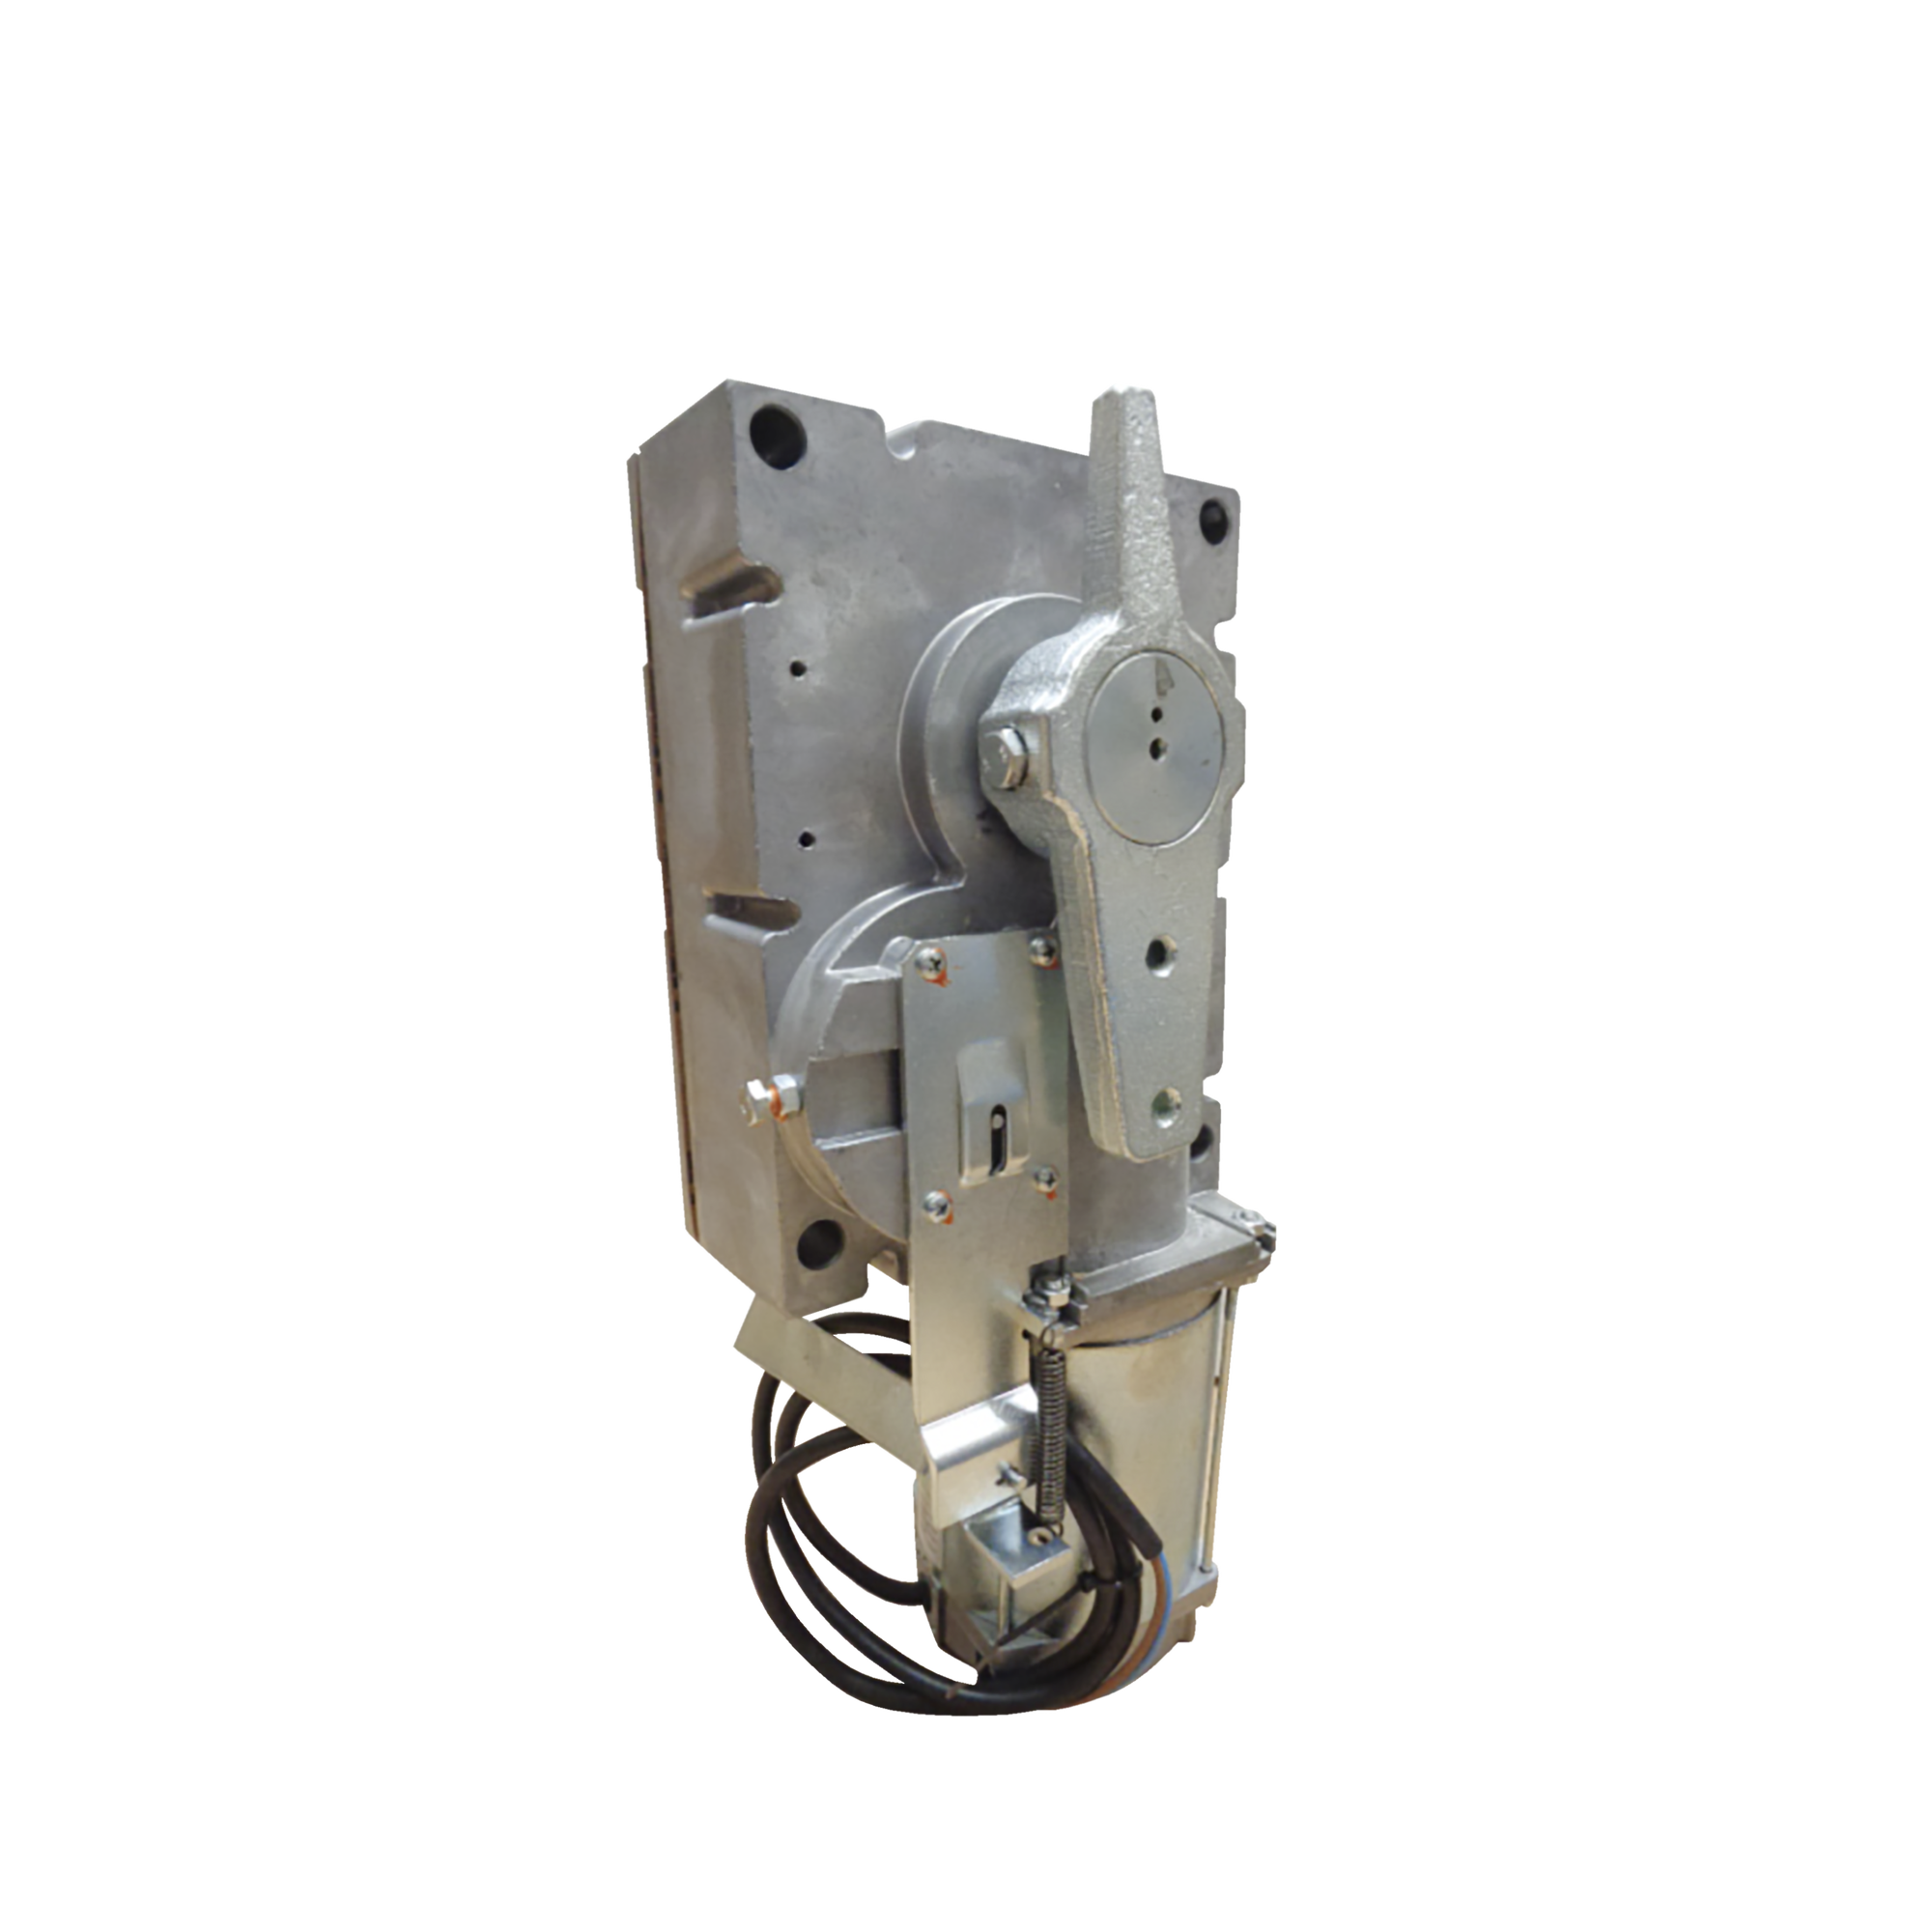 Motorreductor de refacción para barreras KXBGG4M / G3750